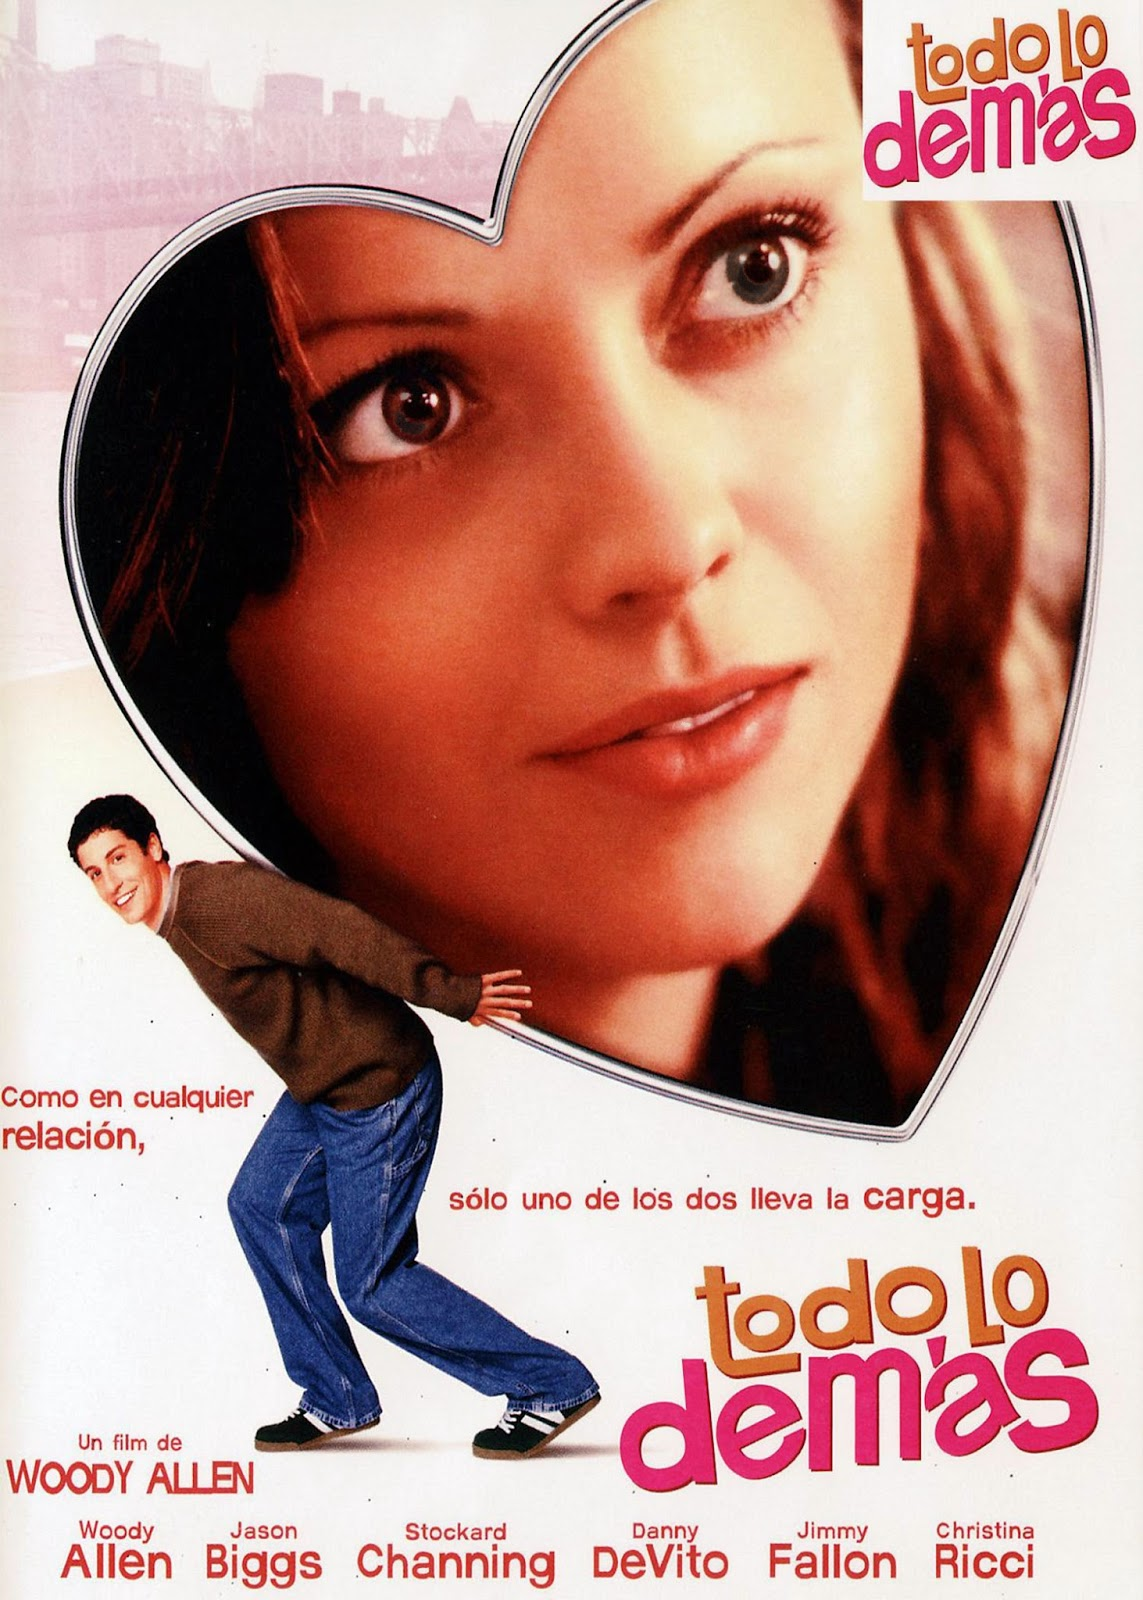 Todo lo demás (2003)